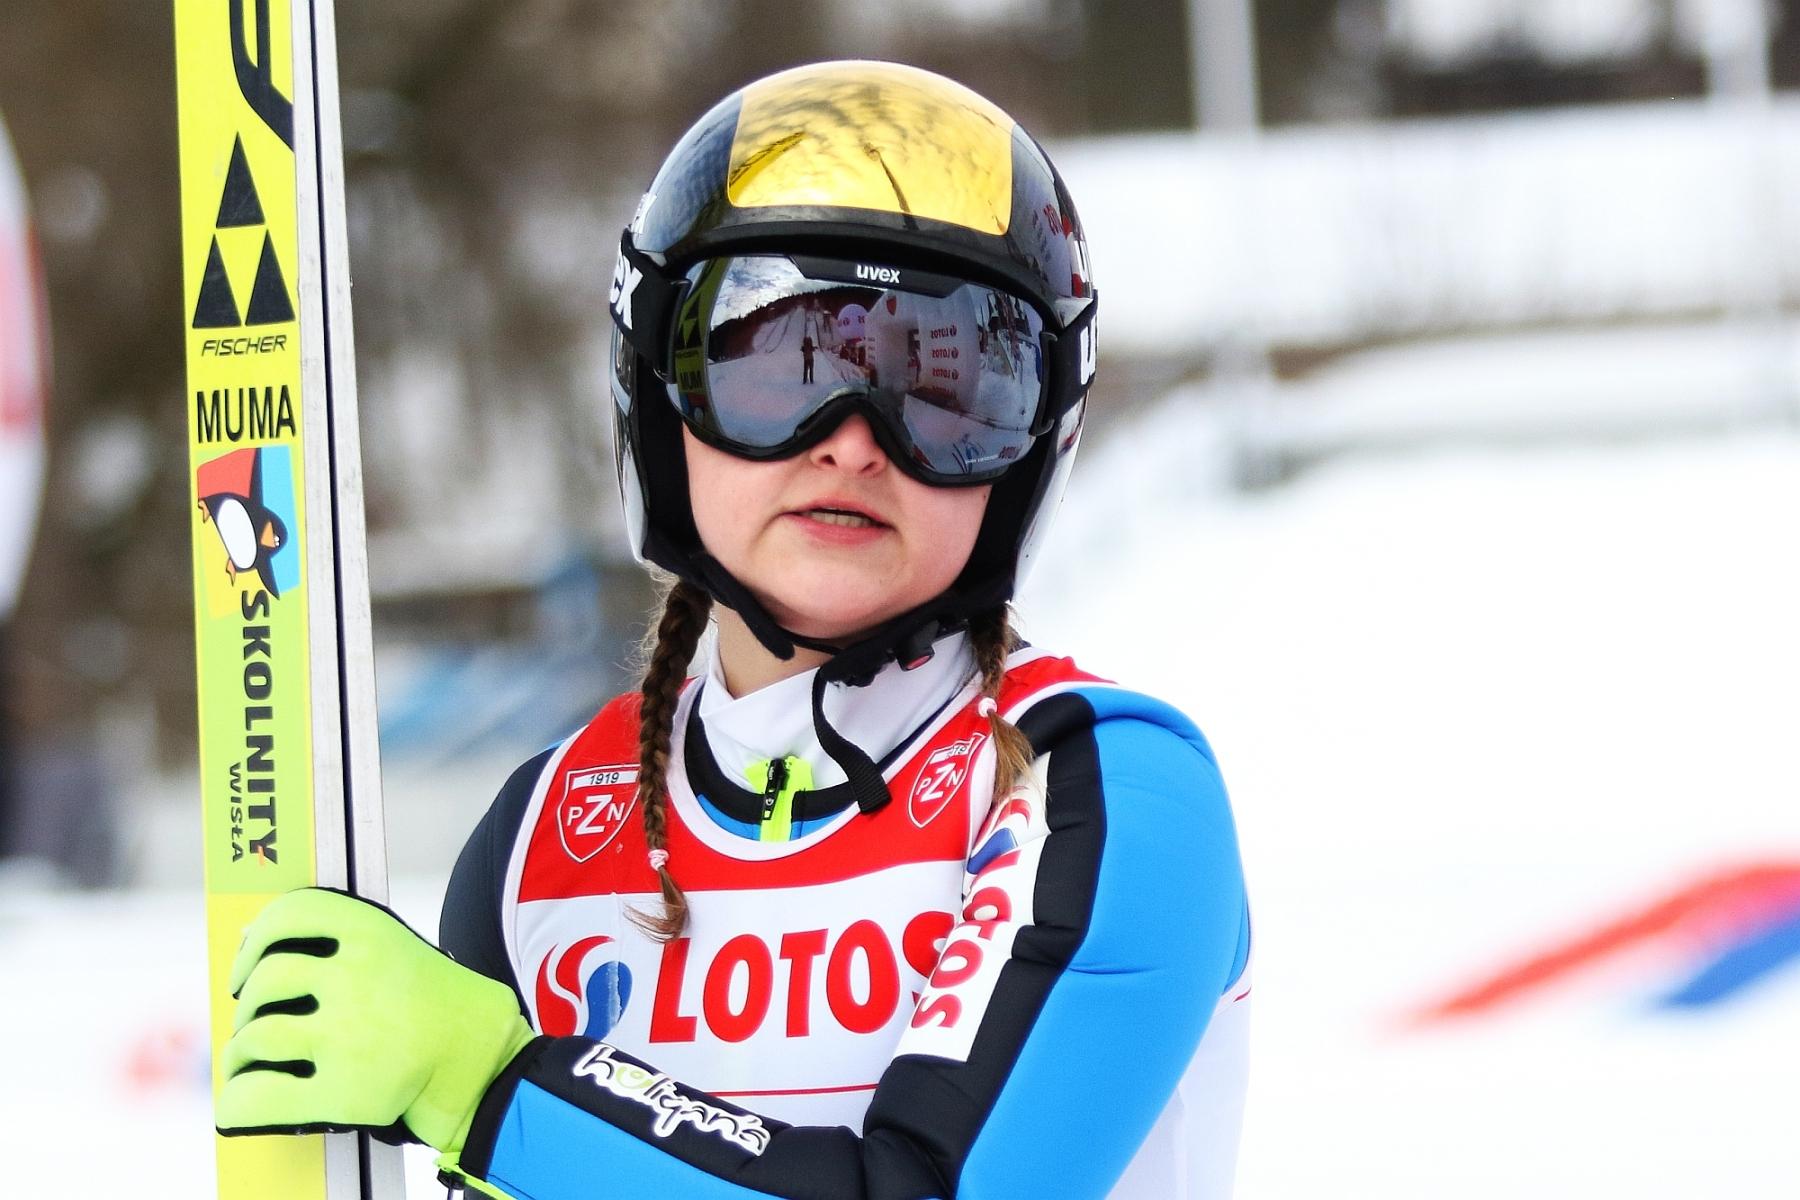 fis cup kobiet szczyrk 2021 2konkurs fot julia piatkowska 69 - FIS Cup Otepää: Czas na inaugurację sezonu letniego. 45 skoczków i 21 skoczkiń na starcie